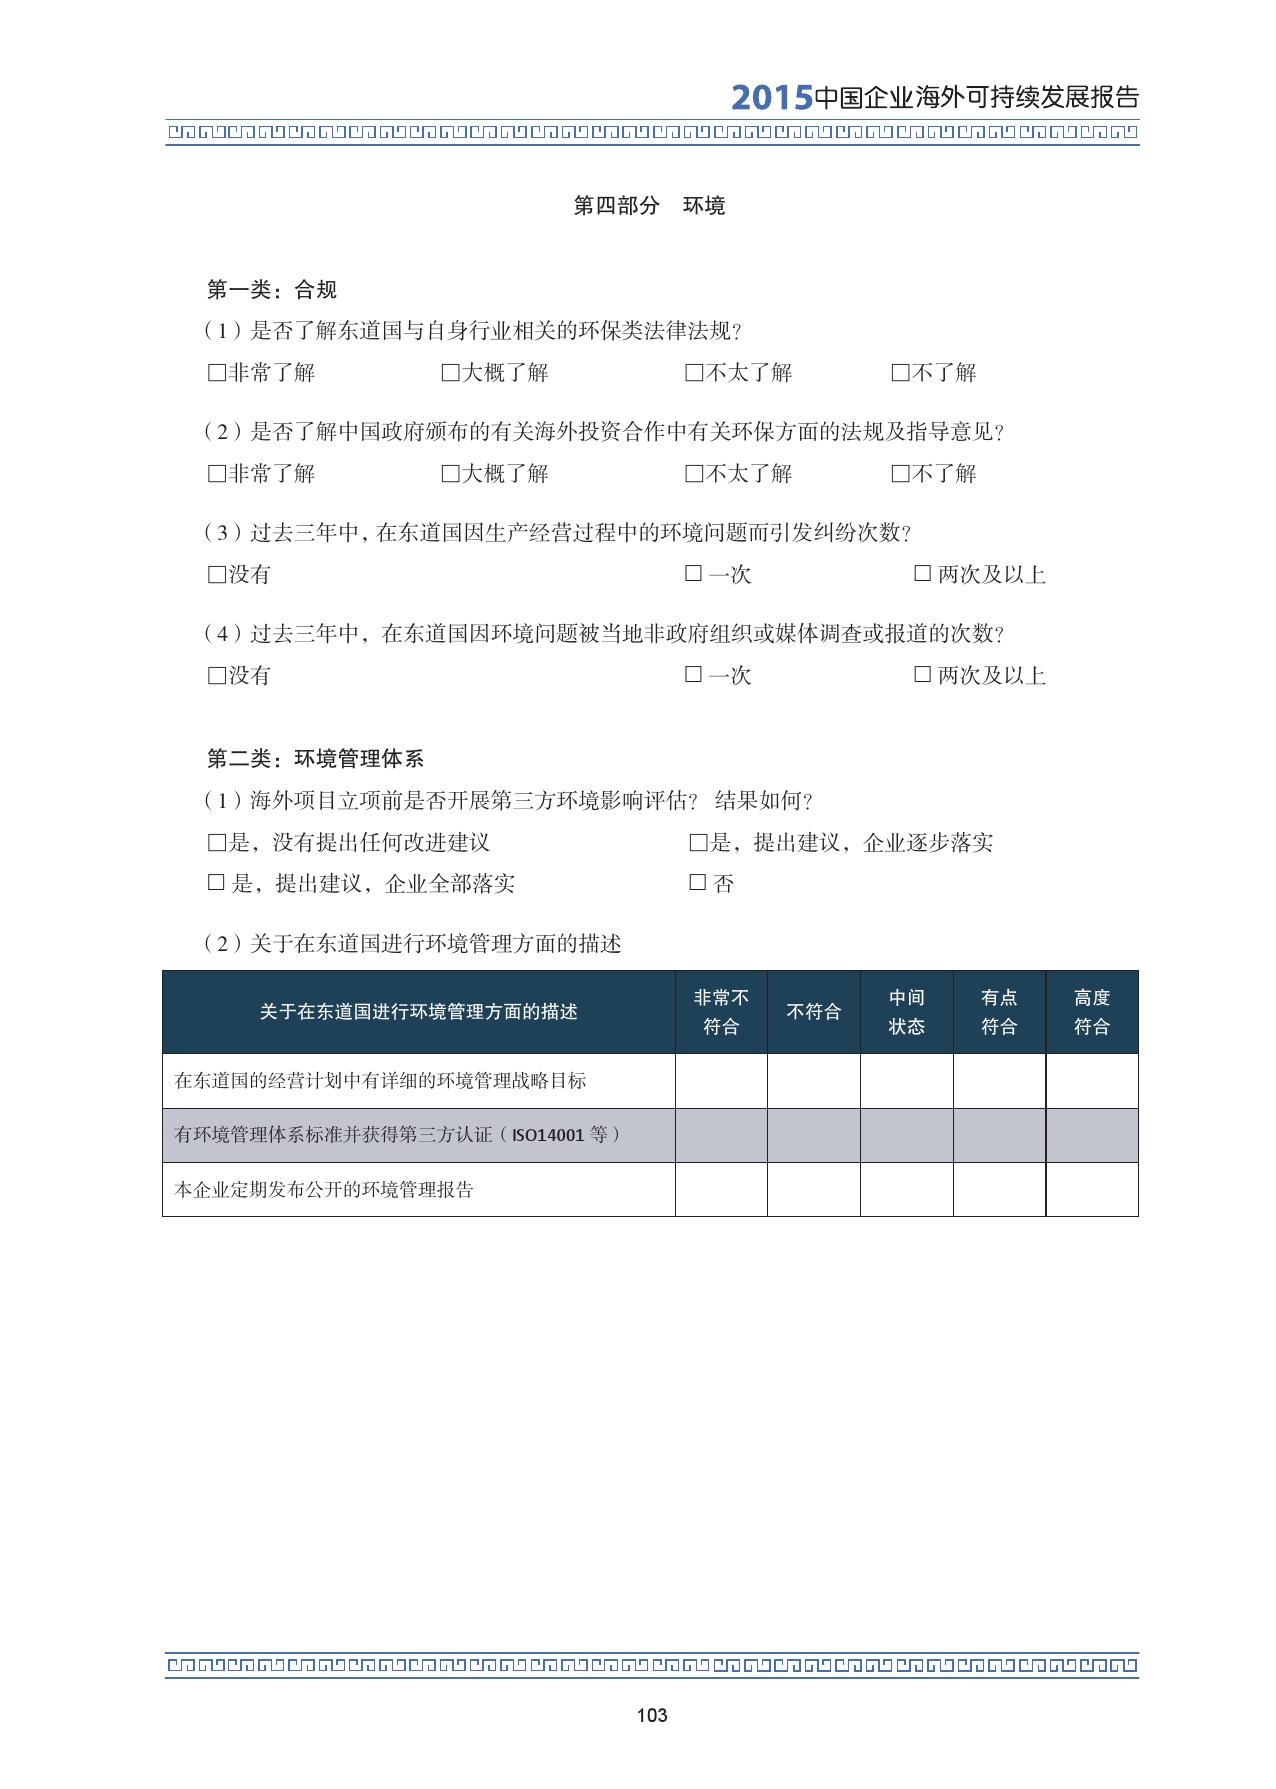 2015中国企业海外可持续发展报告_000117